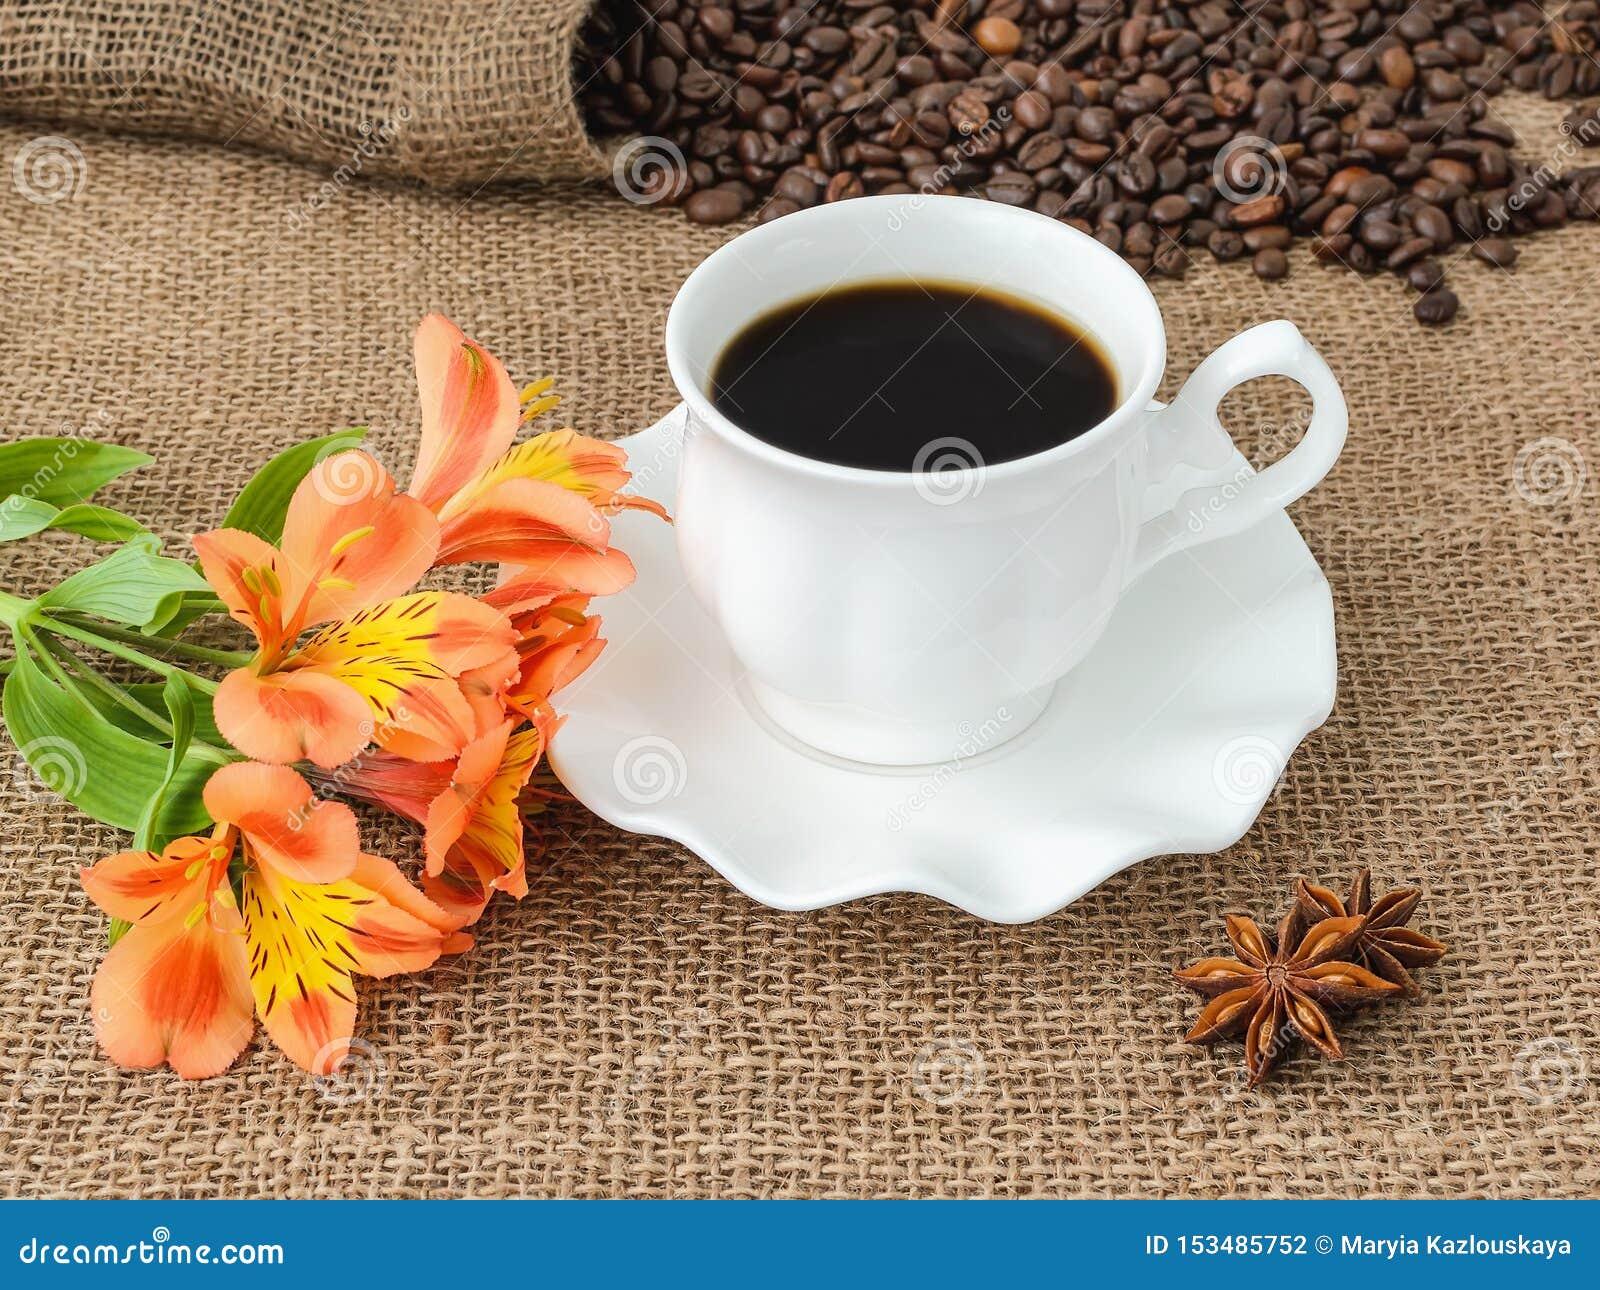 Оранжевый цветок перуанской лилии, горячий кофе в белой элегантной чашке с поддонником и разбрасывать кофейных зерен на деревенск